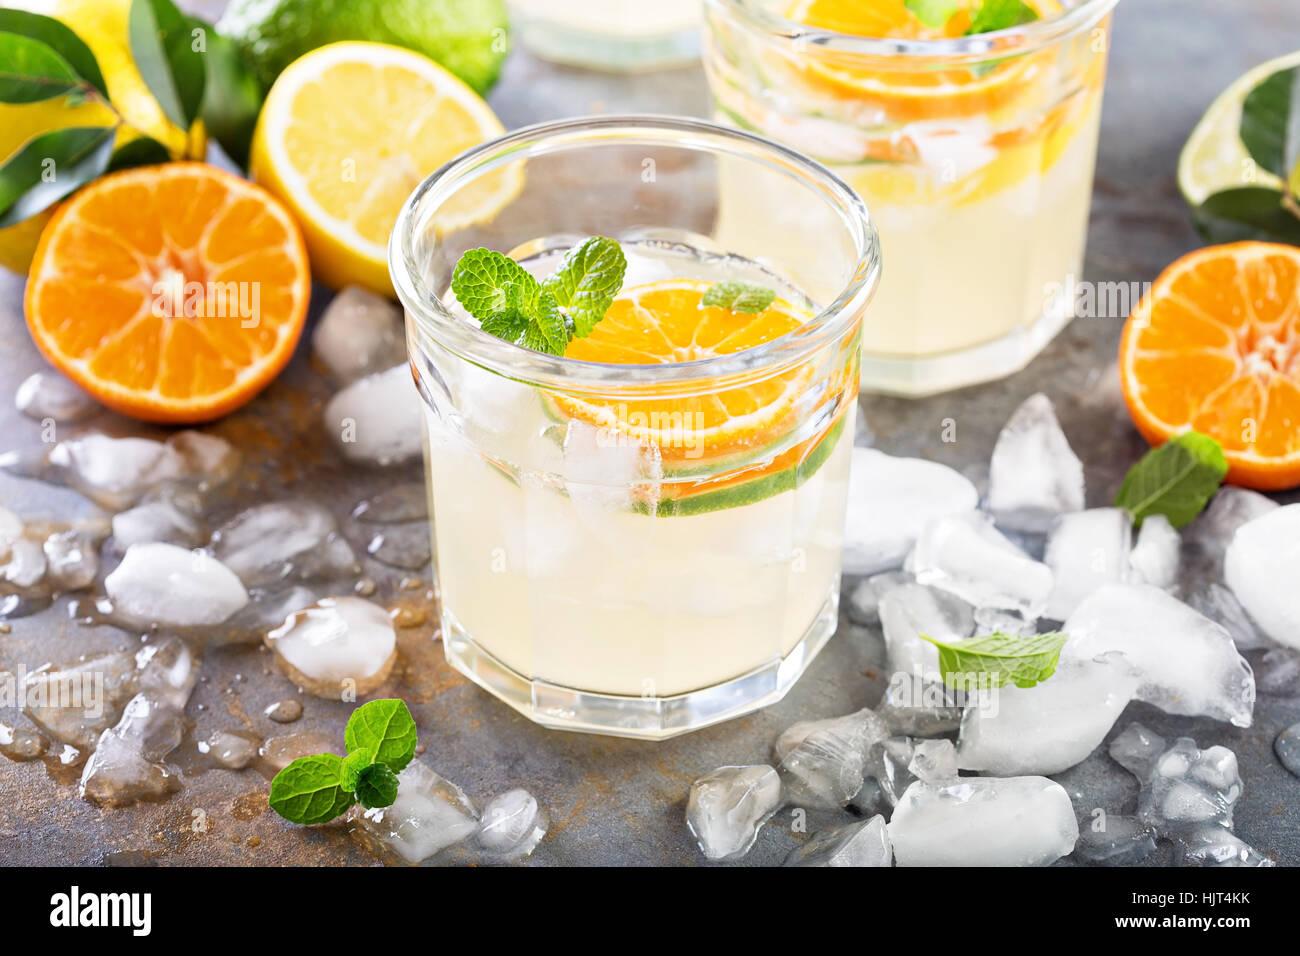 Citrus fruit lemonade in glasses - Stock Image